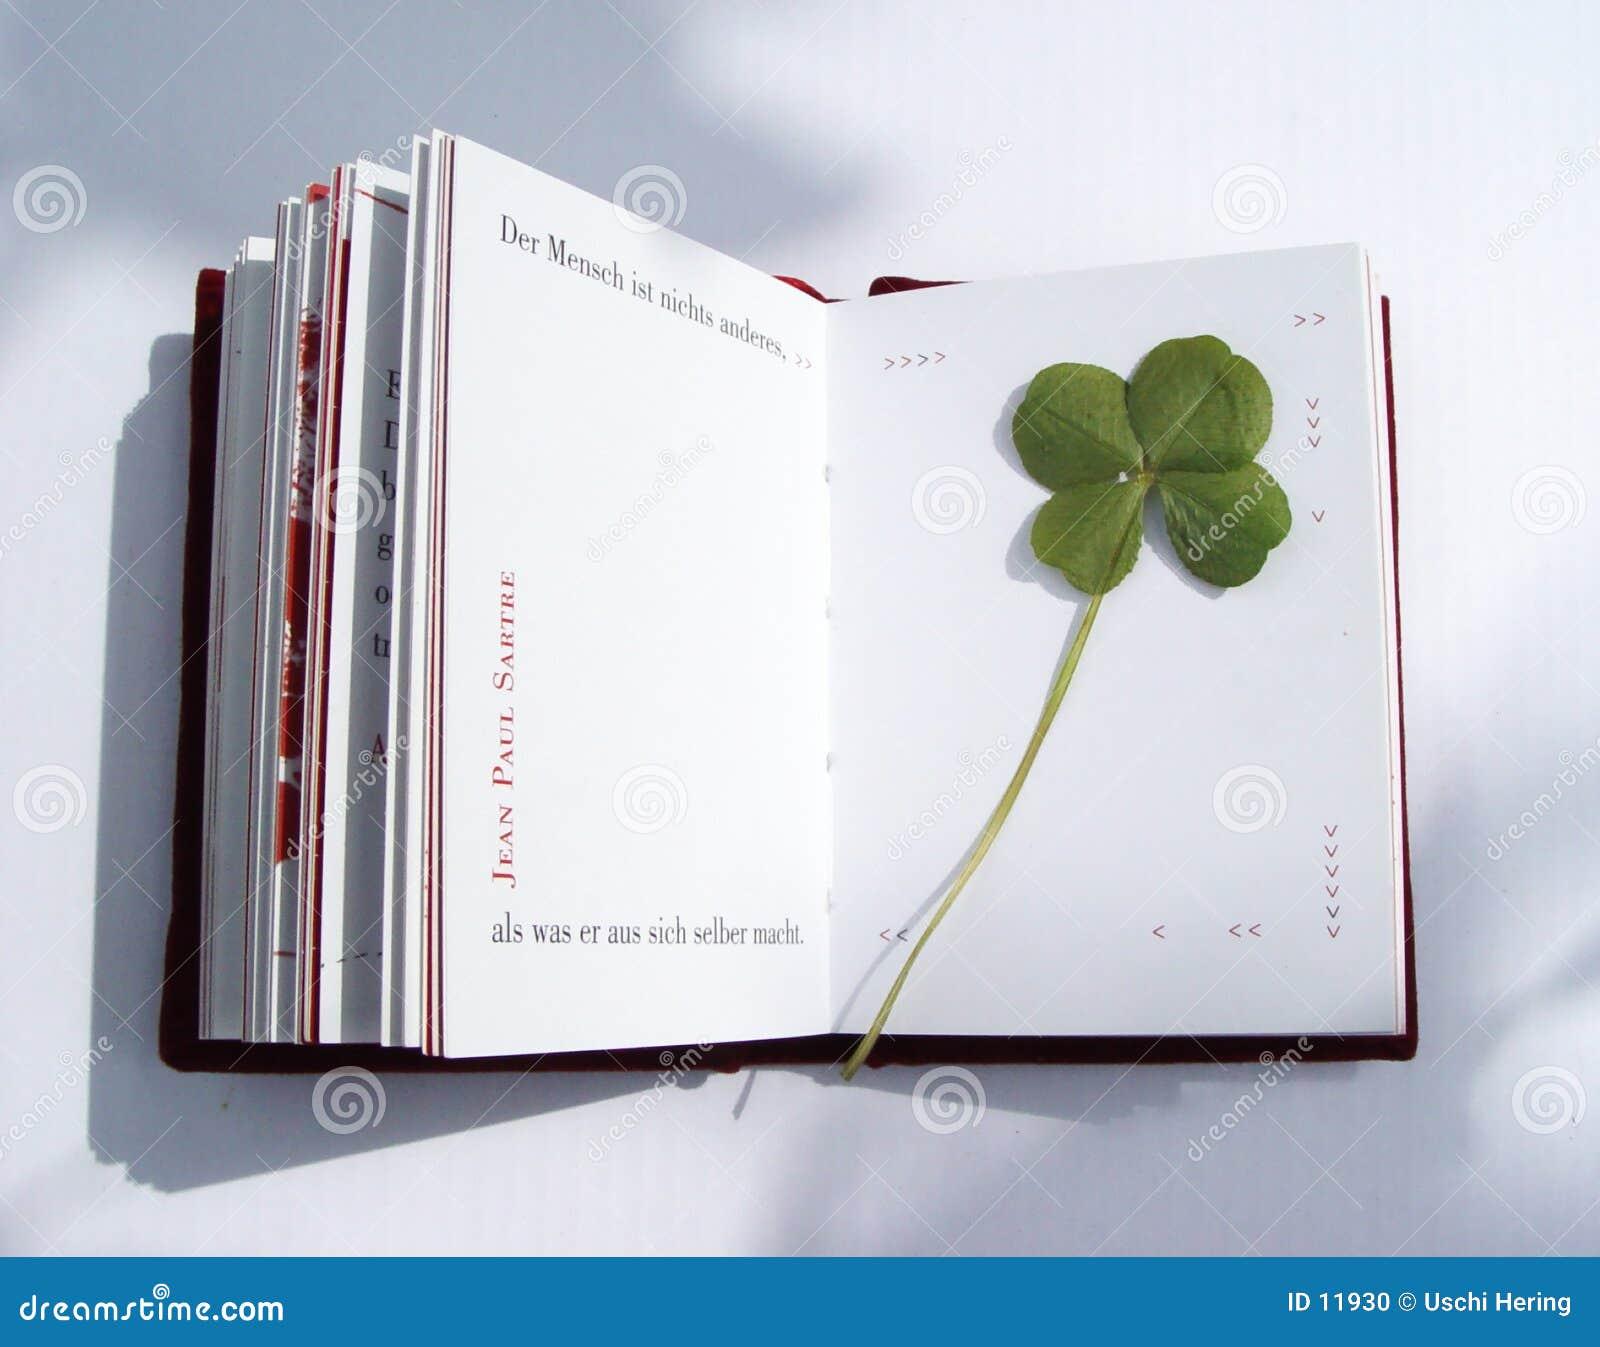 pressed 4-leaf-clover